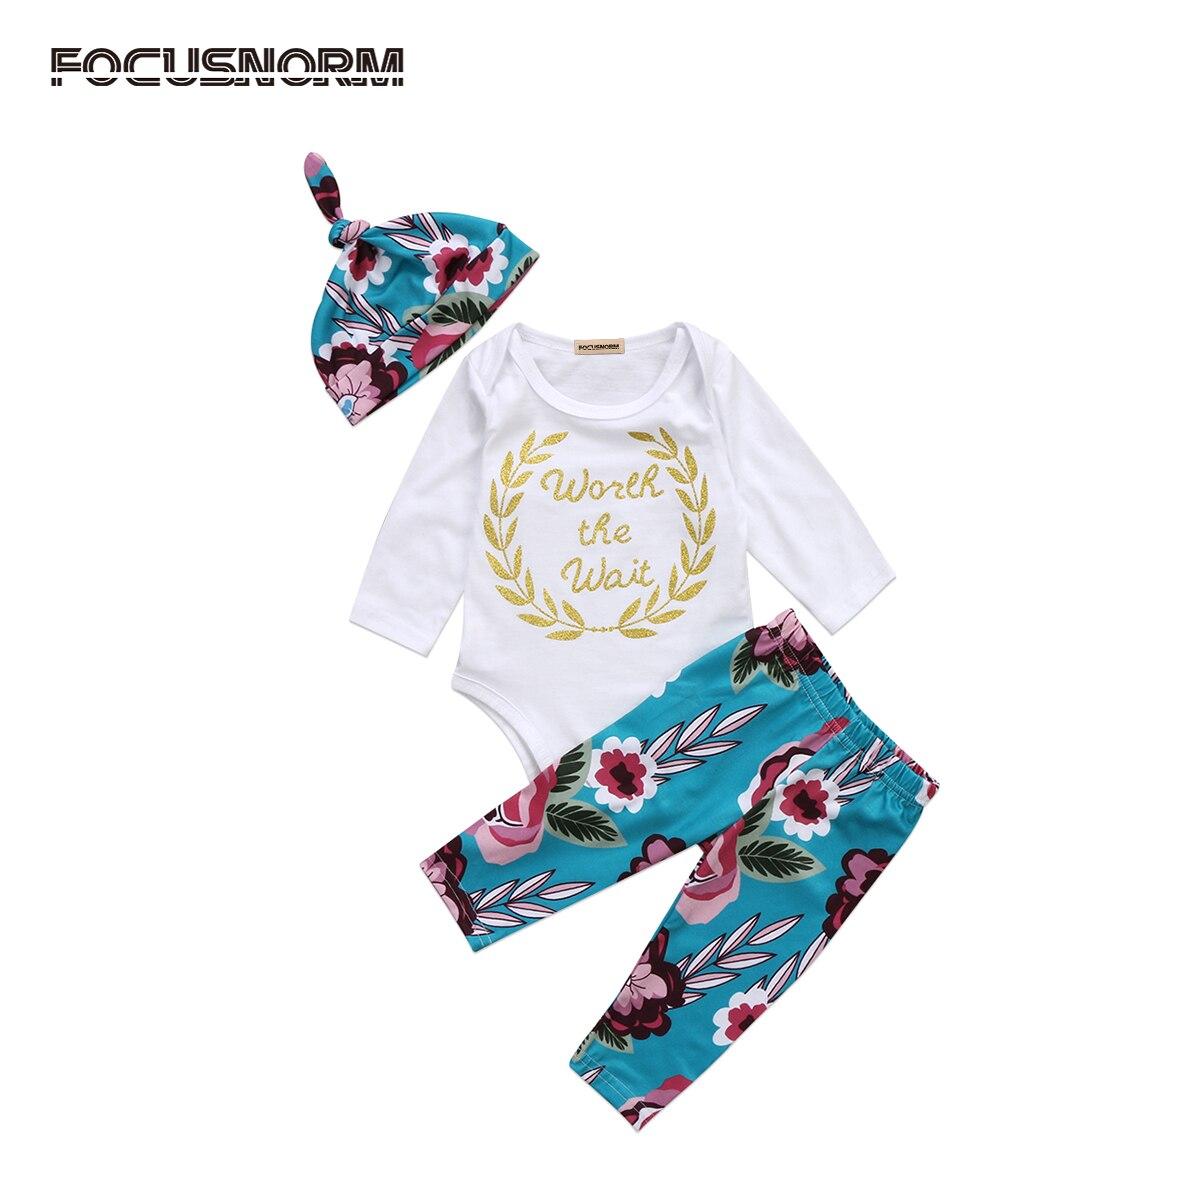 0-18 м новорожденных ползунки Топы Корректирующие + брюки с цветочным принтом + милые Комплект одежды с шапочкой одежда для малышей мальчиков ...